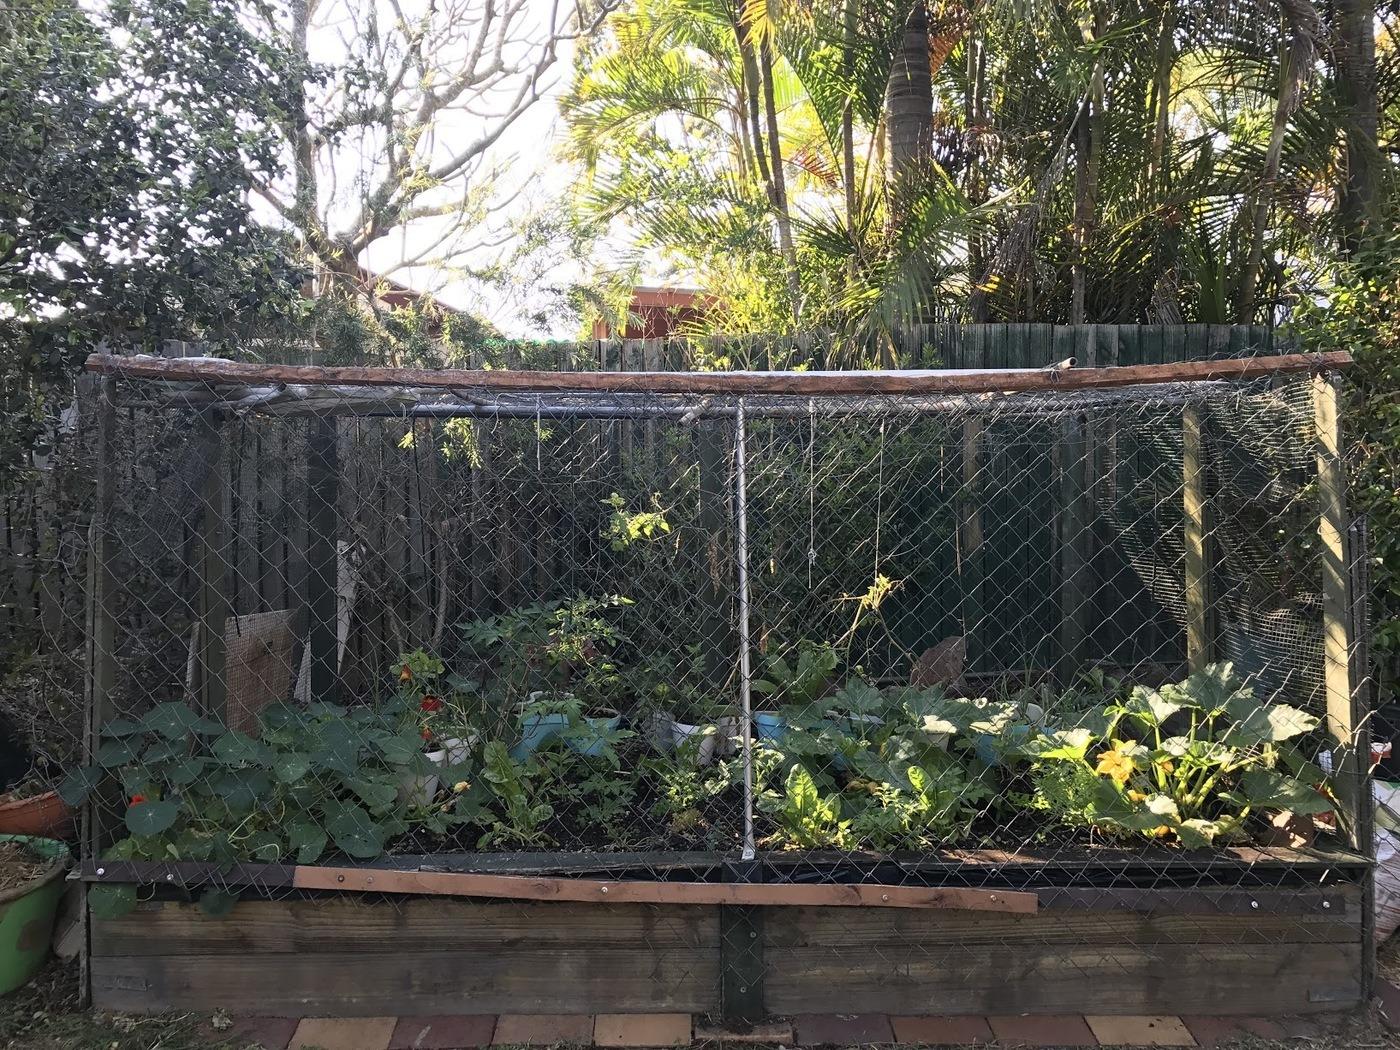 Herb Garden with Chicken Wiring